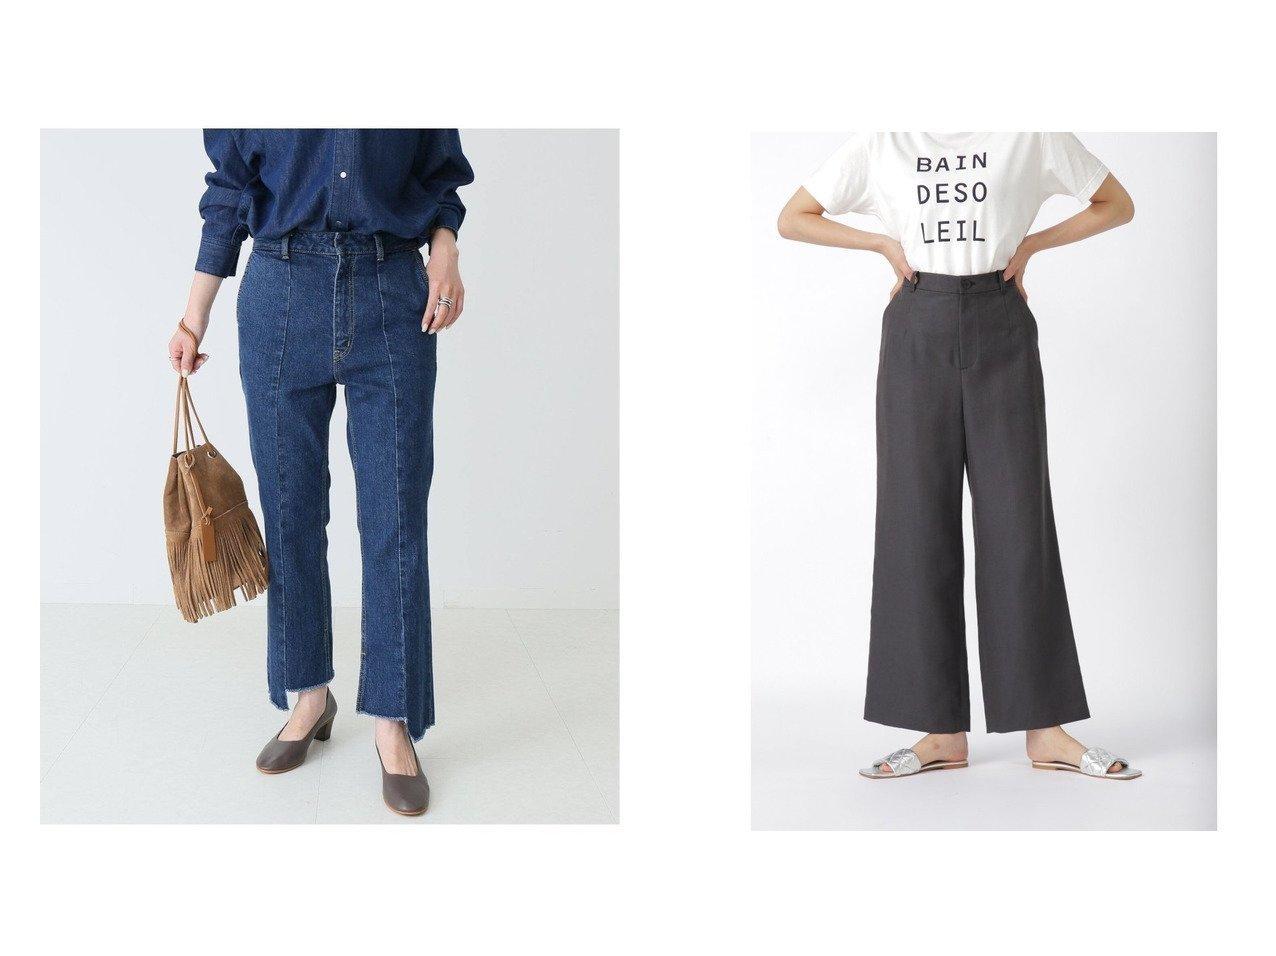 【Spick & Span/スピック&スパン】の【2】Boys-Line クロップドデニム&【HUMAN WOMAN/ヒューマンウーマン】の麻ドビーオックスパンツ 【パンツ】おすすめ!人気、トレンド・レディースファッションの通販 おすすめで人気の流行・トレンド、ファッションの通販商品 インテリア・家具・メンズファッション・キッズファッション・レディースファッション・服の通販 founy(ファニー) https://founy.com/ ファッション Fashion レディースファッション WOMEN パンツ Pants カットオフ コレクション シューズ ショート シンプル ジーンズ ストレッチ センター デニム バランス フィット フラット ベーシック A/W・秋冬 AW・Autumn/Winter・FW・Fall-Winter 2021年 2021 2021-2022秋冬・A/W AW・Autumn/Winter・FW・Fall-Winter・2021-2022 NEW・新作・新着・新入荷 New Arrivals おすすめ Recommend スリッポン セットアップ リラックス |ID:crp329100000068560